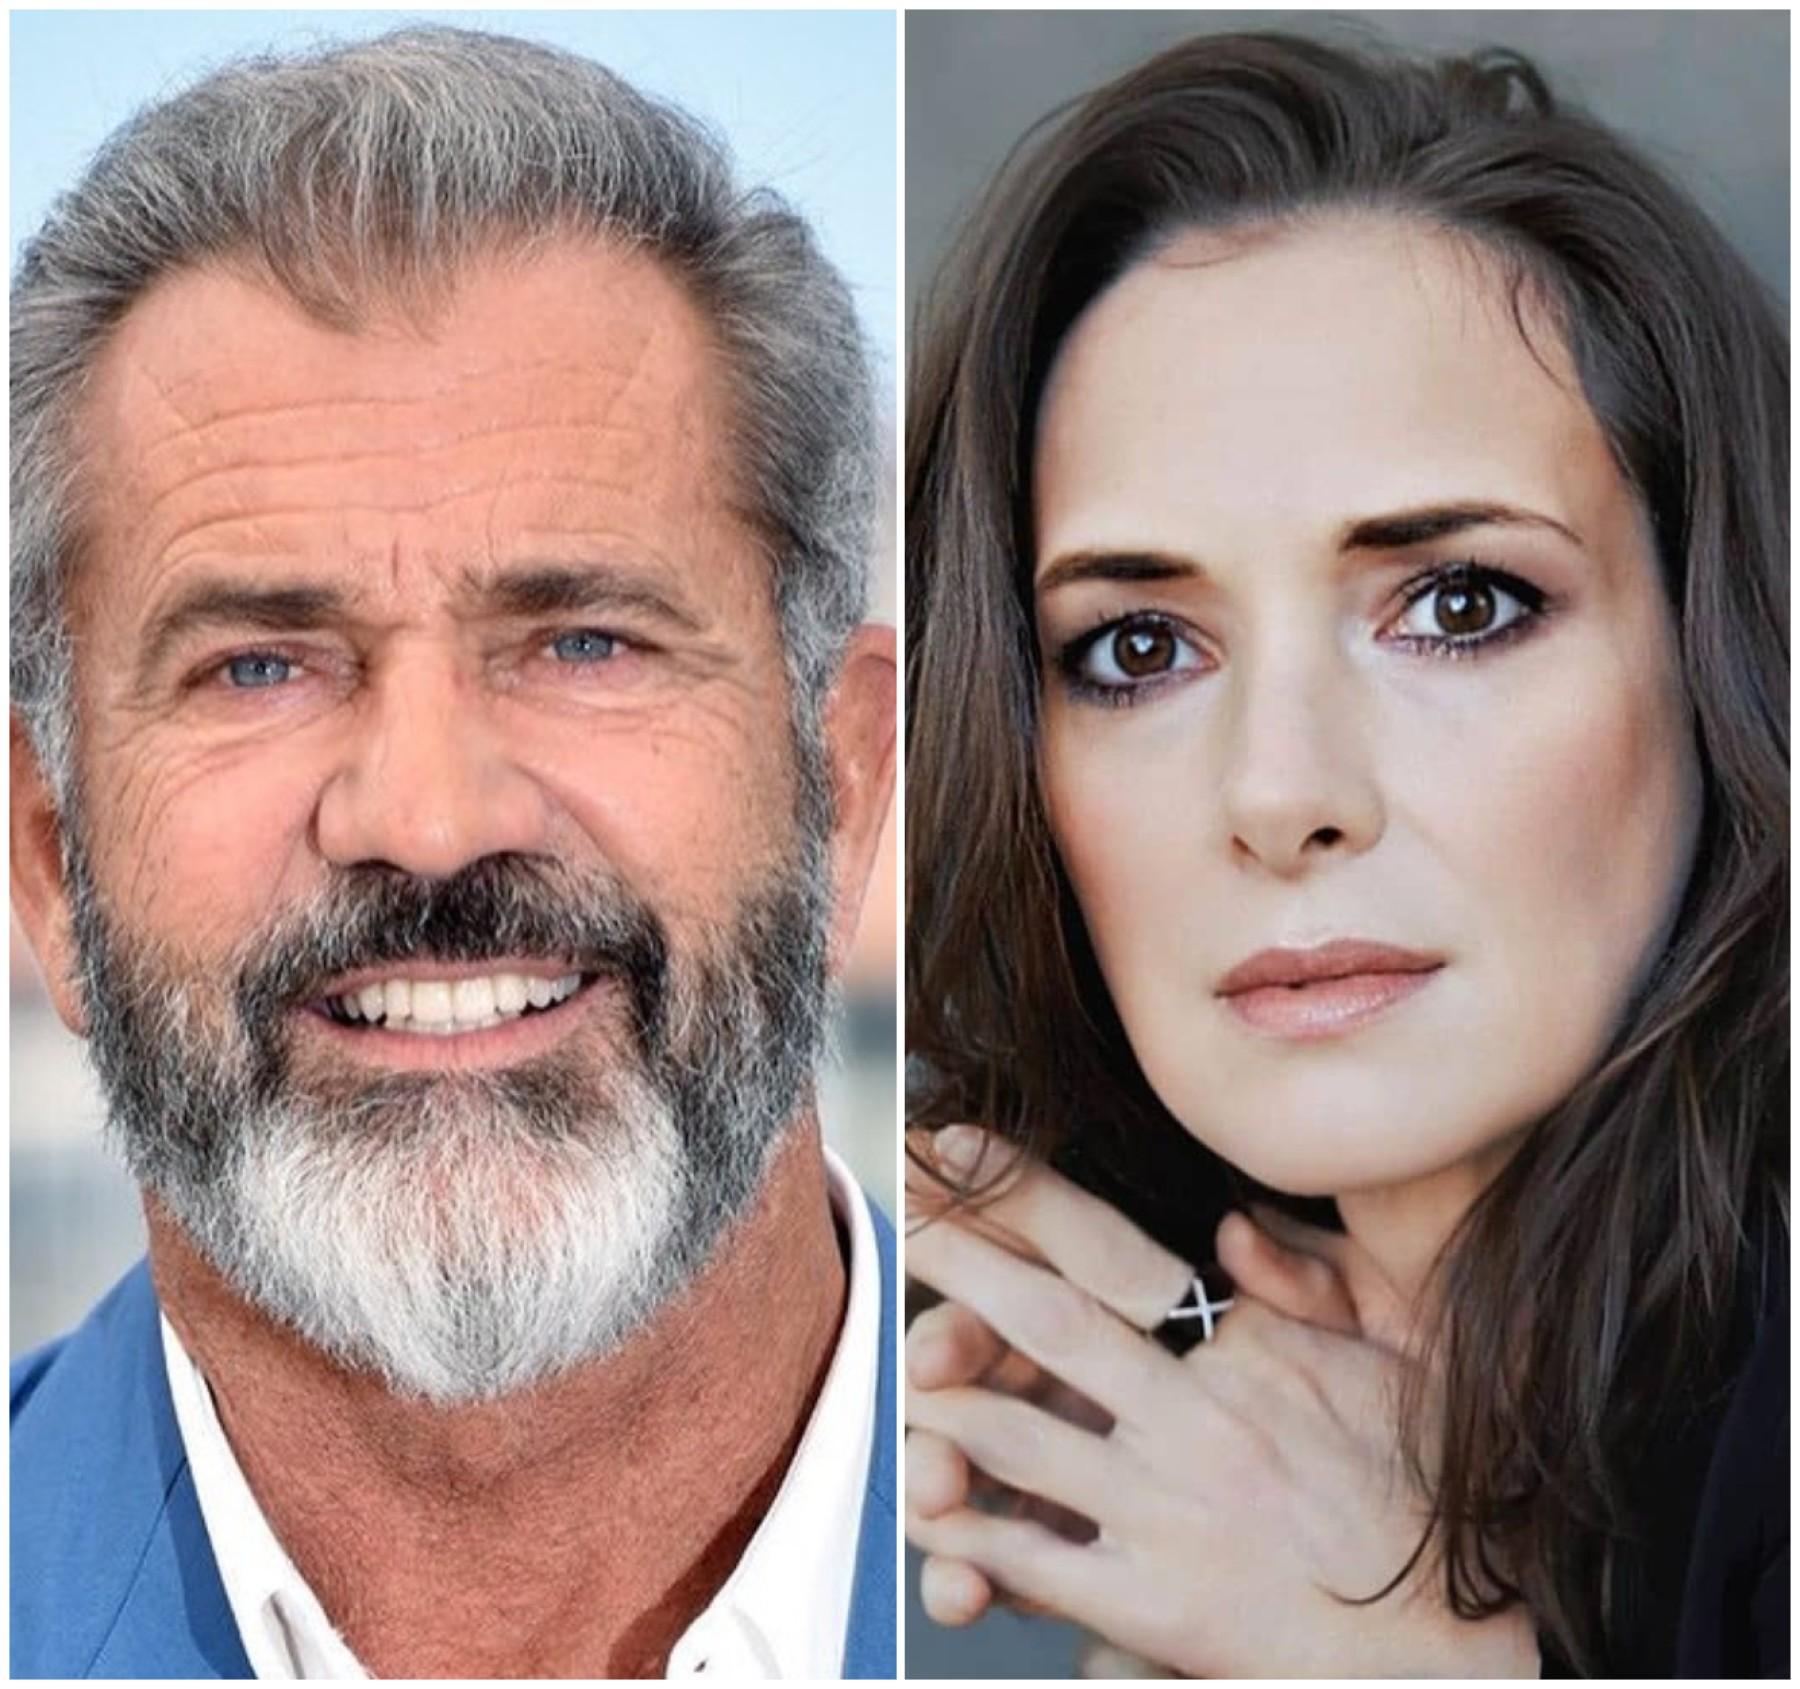 Hoy en ModoFun.com: Mel Gibson se enfrentó a Winona Ryder. No te pierdas más detalles de esta noticia, a continuación. ¡Está que arde!